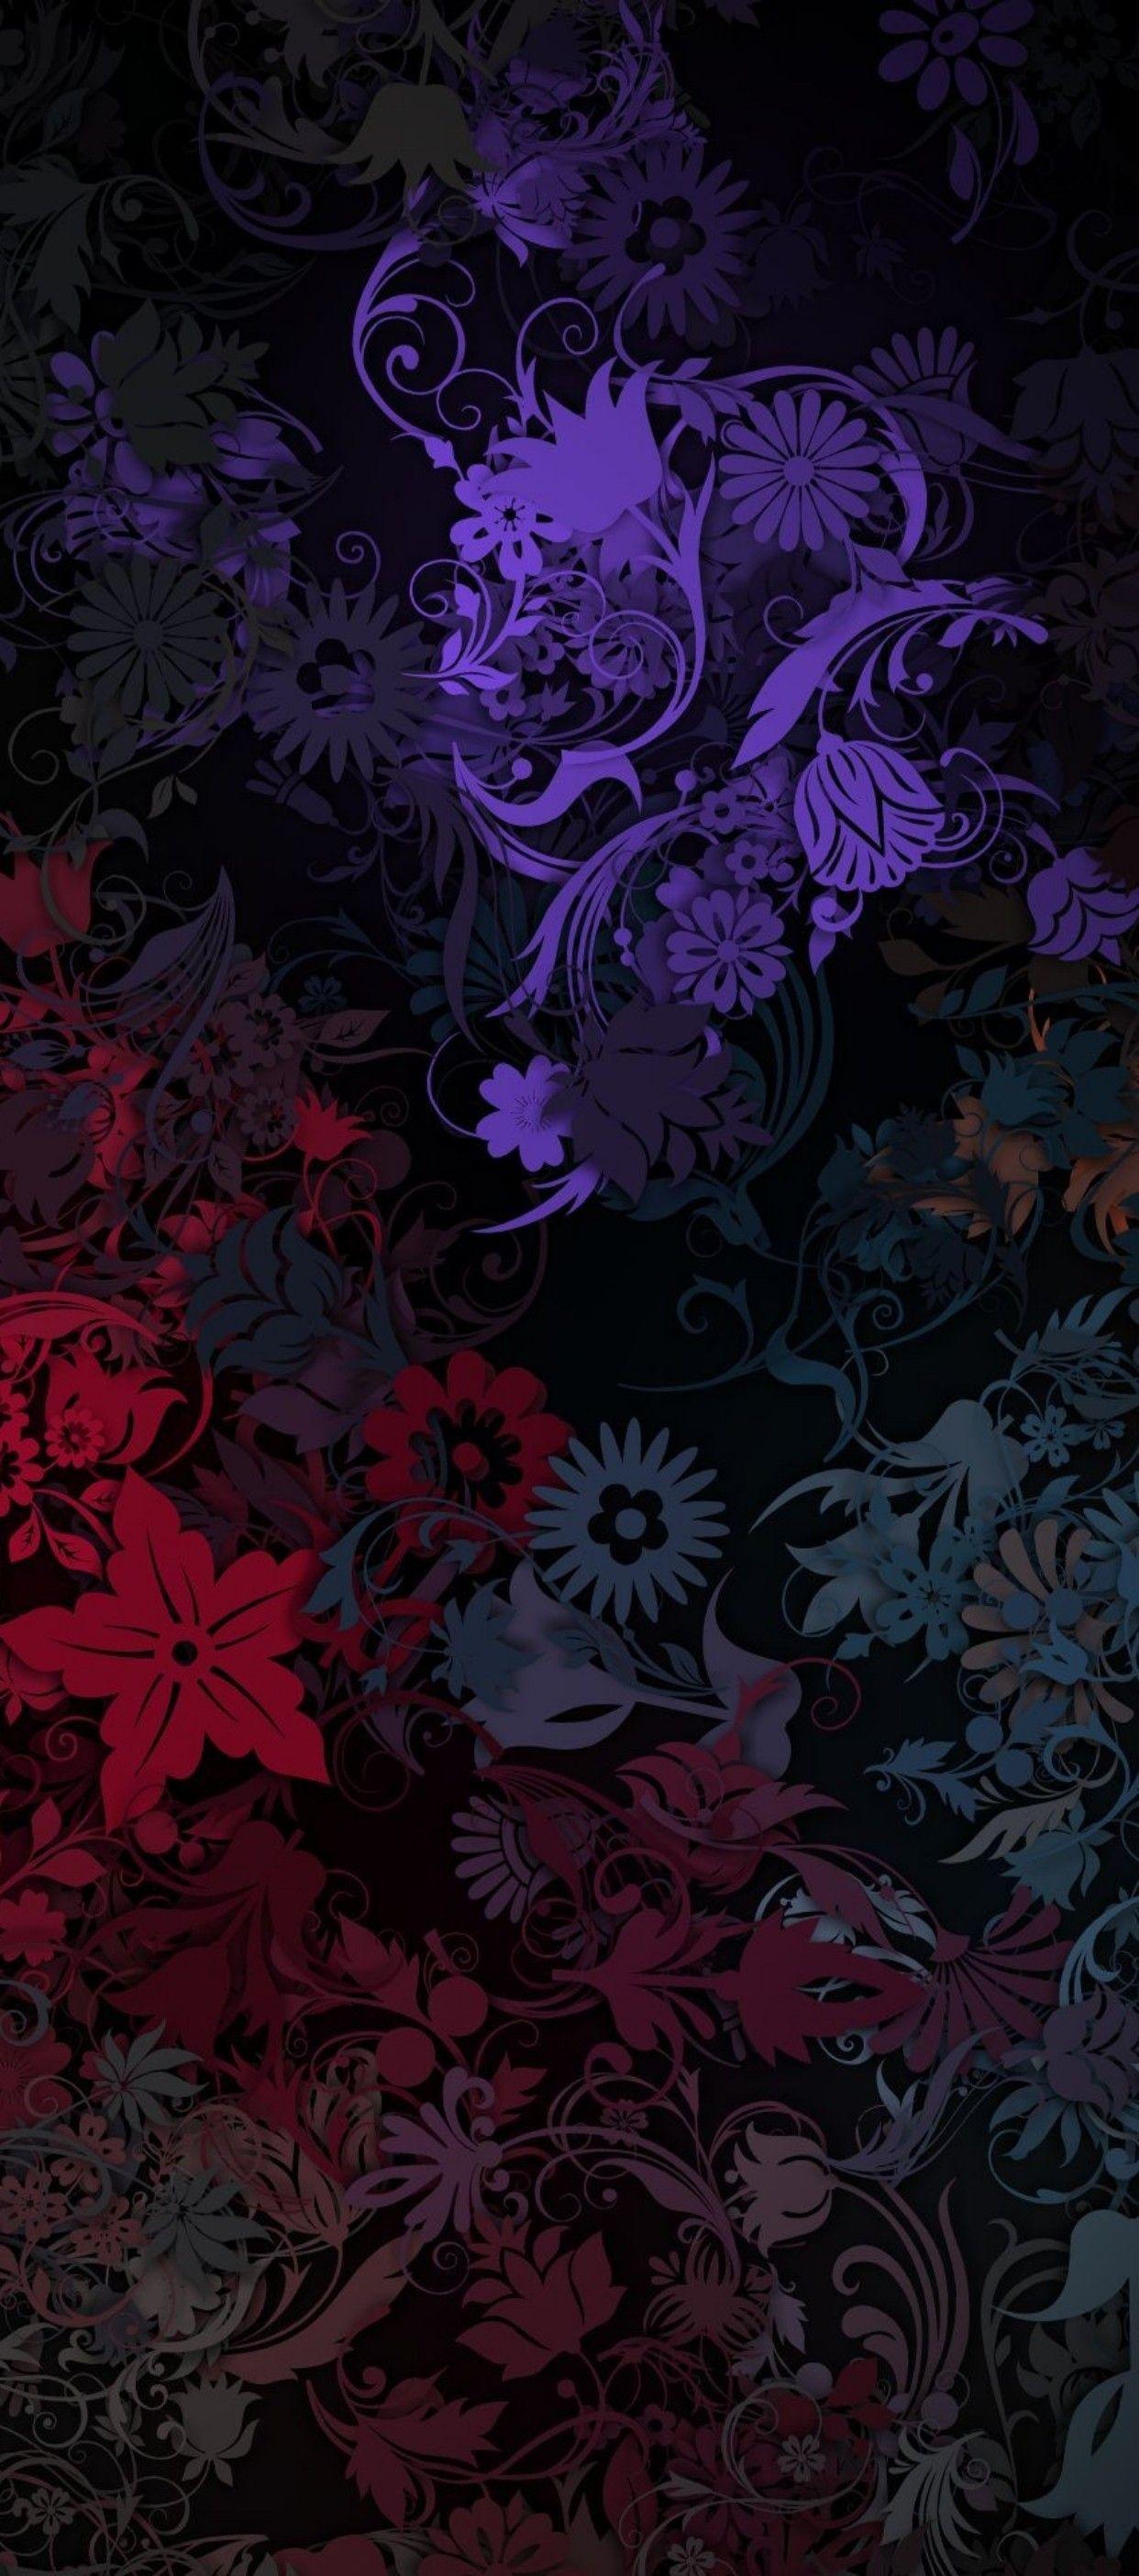 iOS 11, iPhone X, black, purple, pink, floral, simple